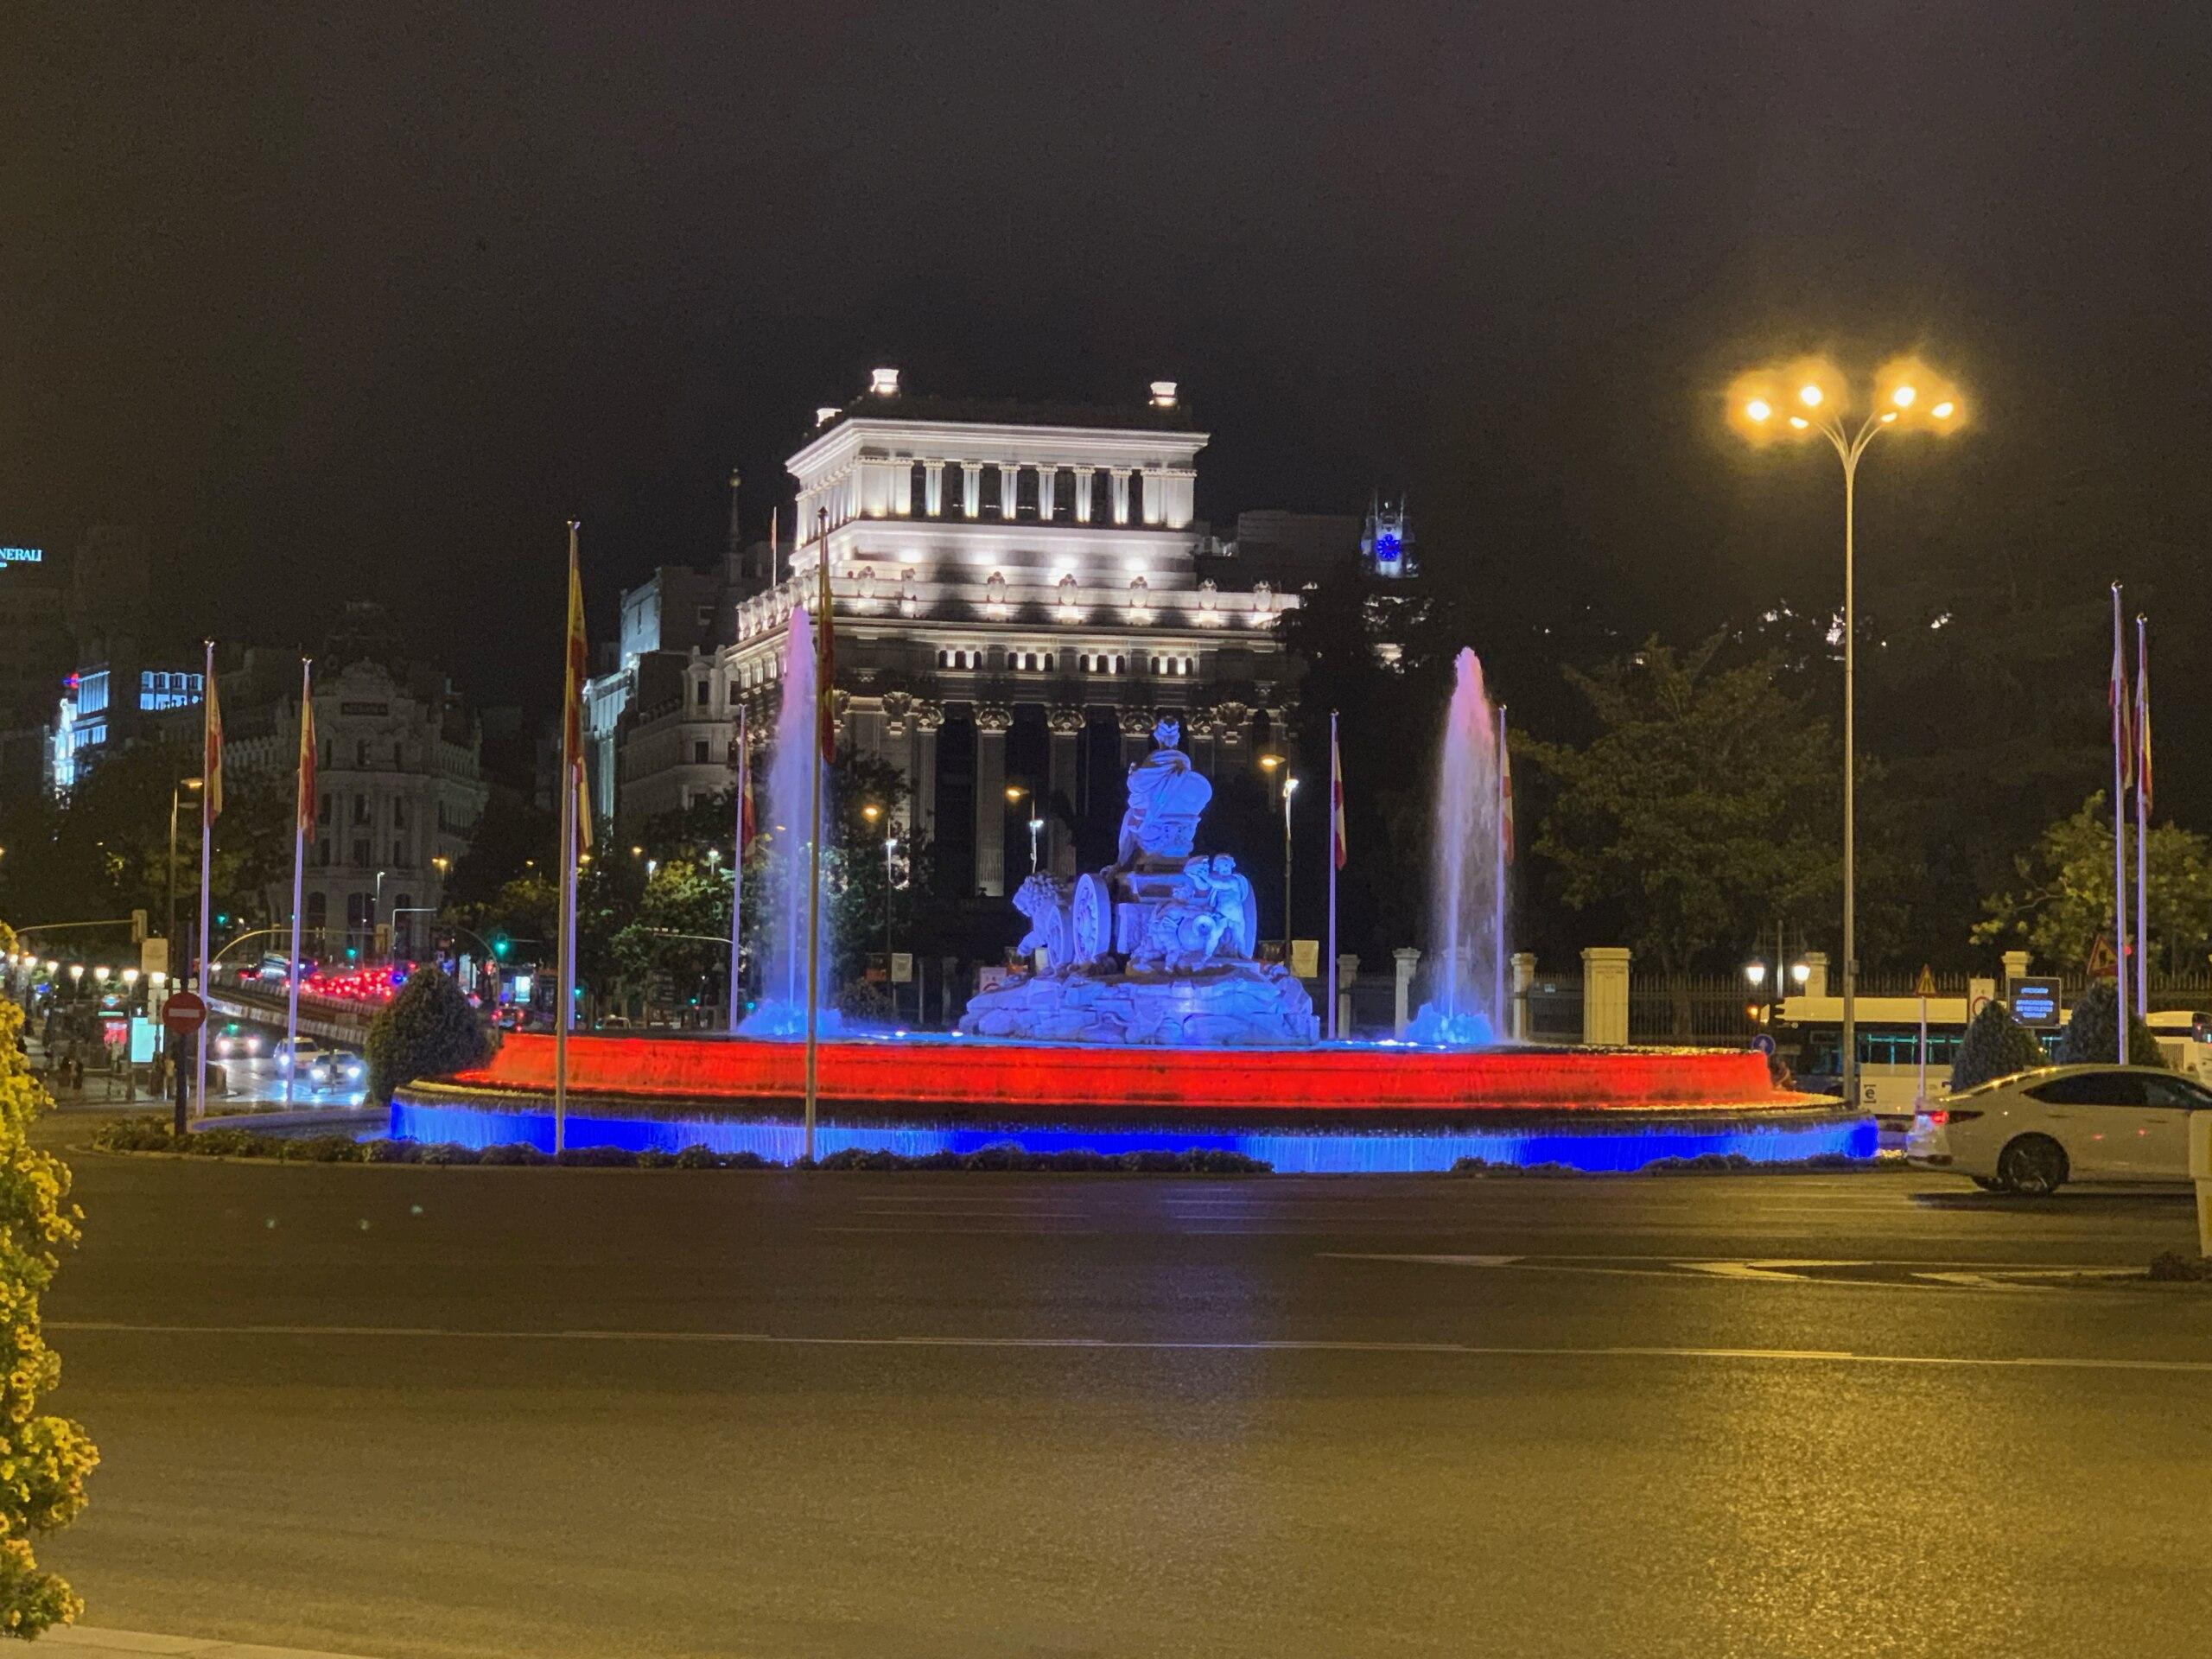 Cuba, el pueblo se ha cansado de la dictadura - Página 2 Img_8512